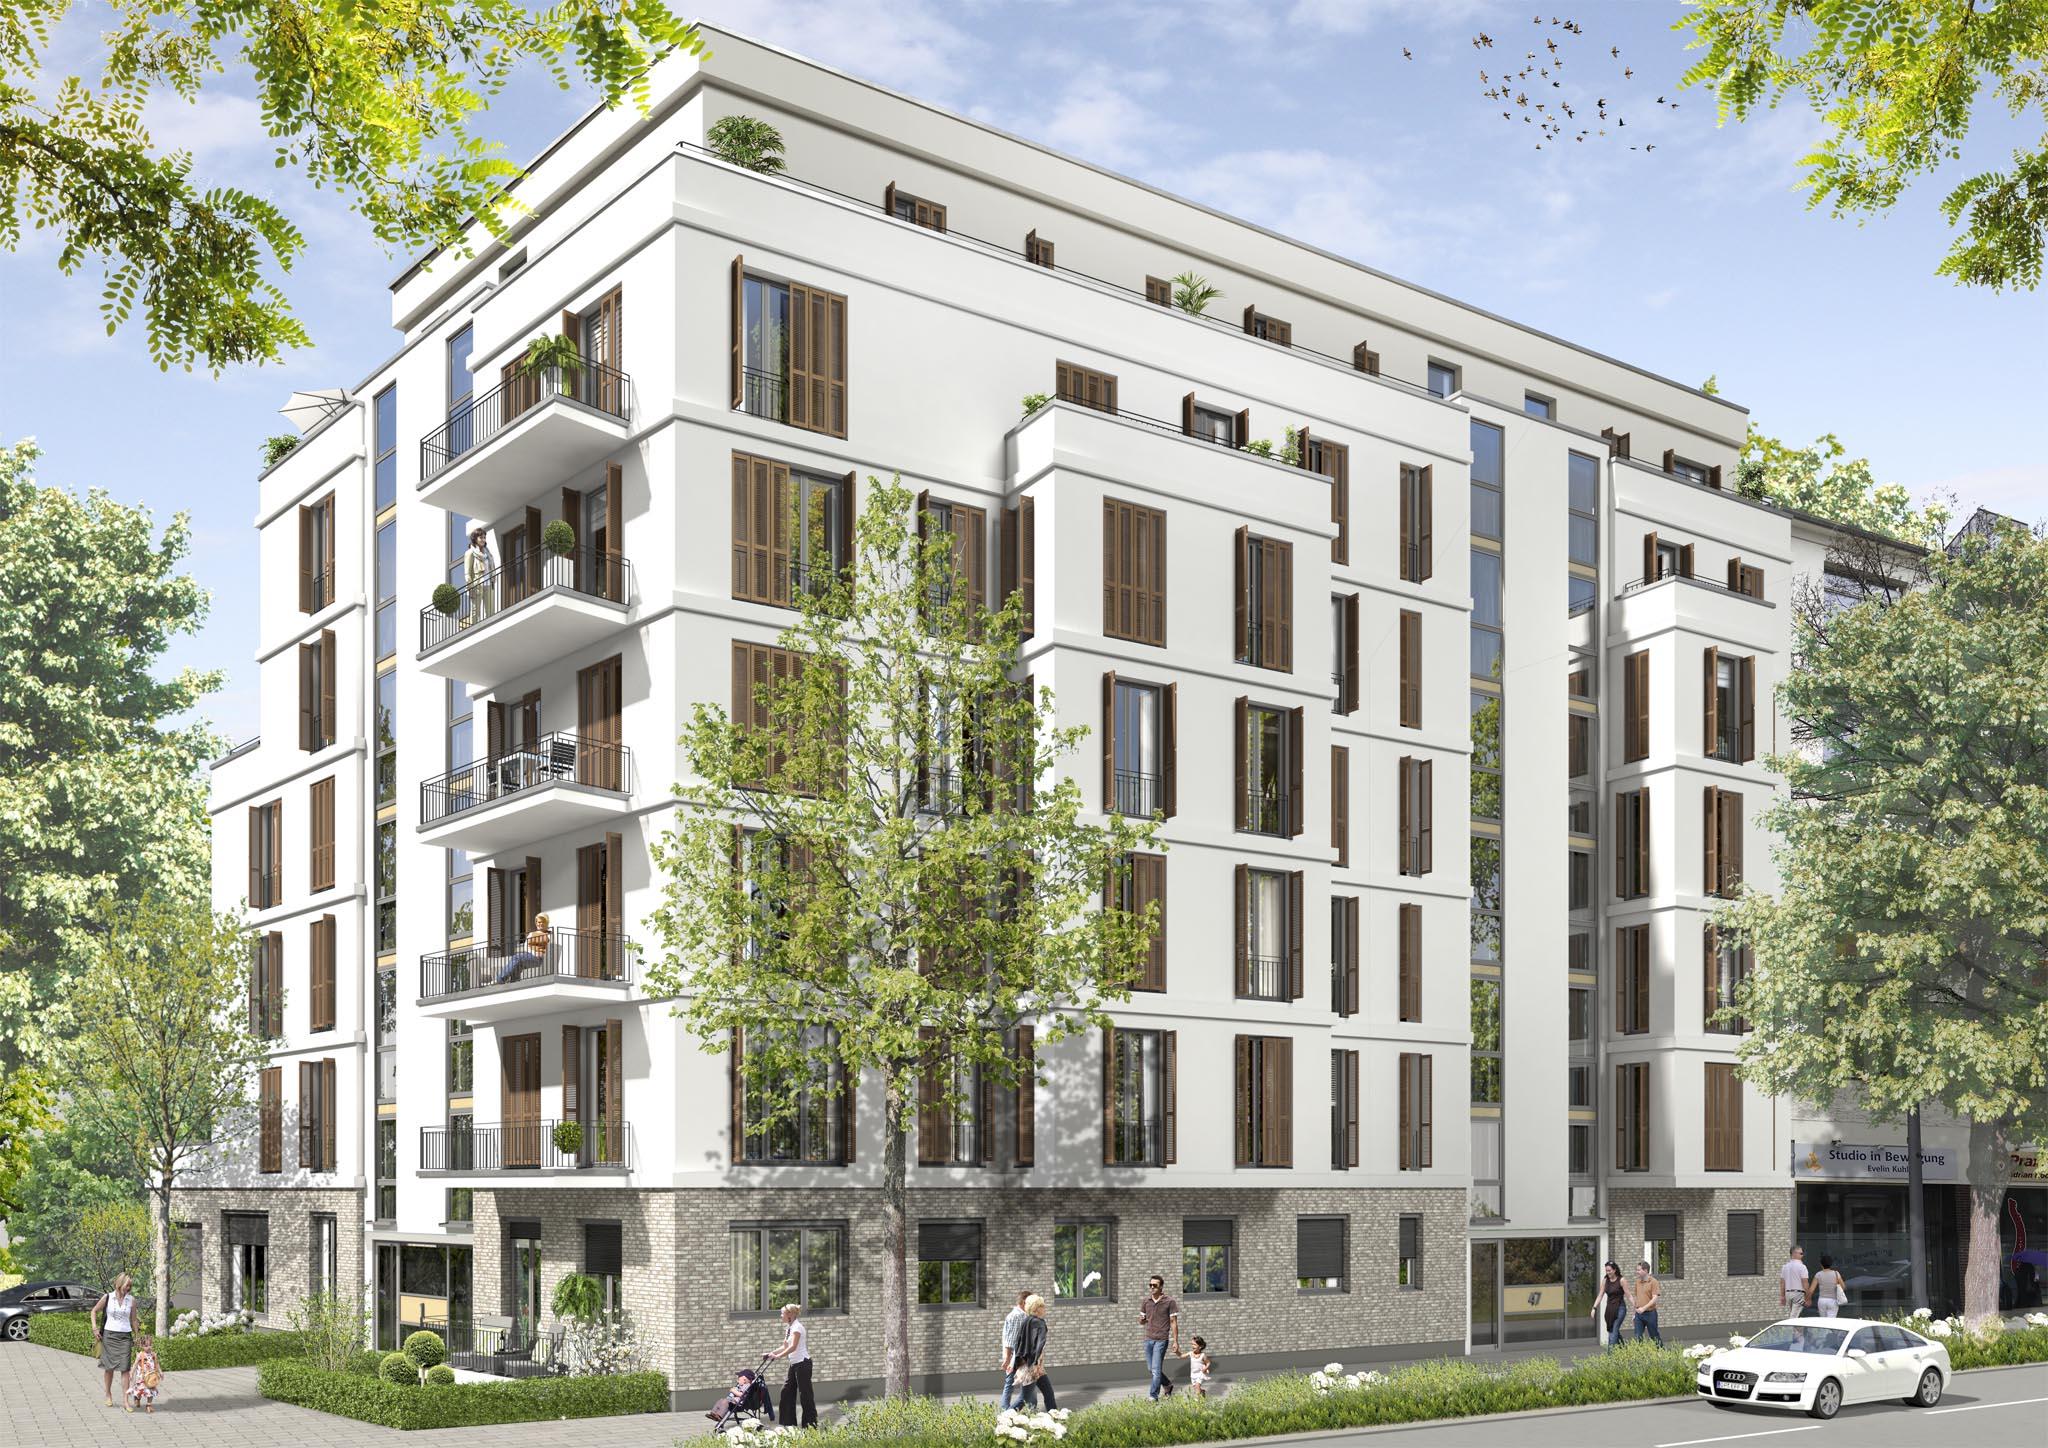 Eigentumswohnung mit tiefgarage berlin wilmersdorf ten for Zimmer berlin